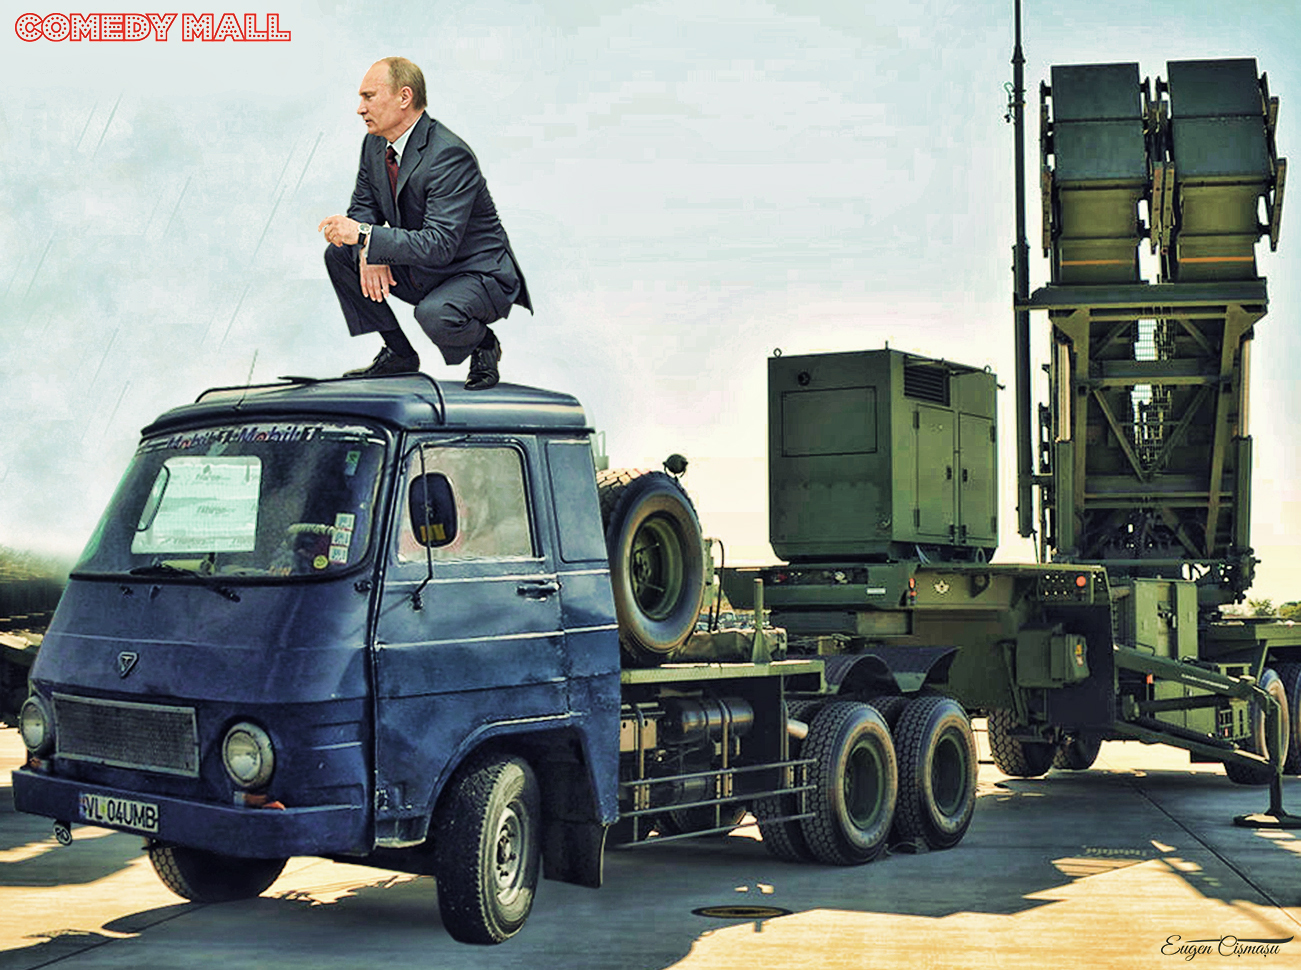 Alertă! După gafa ministrului Fifor, Putin vrea să verifice personal scutul de la Deveselu. Vezi ce-i pregătesc americanii...